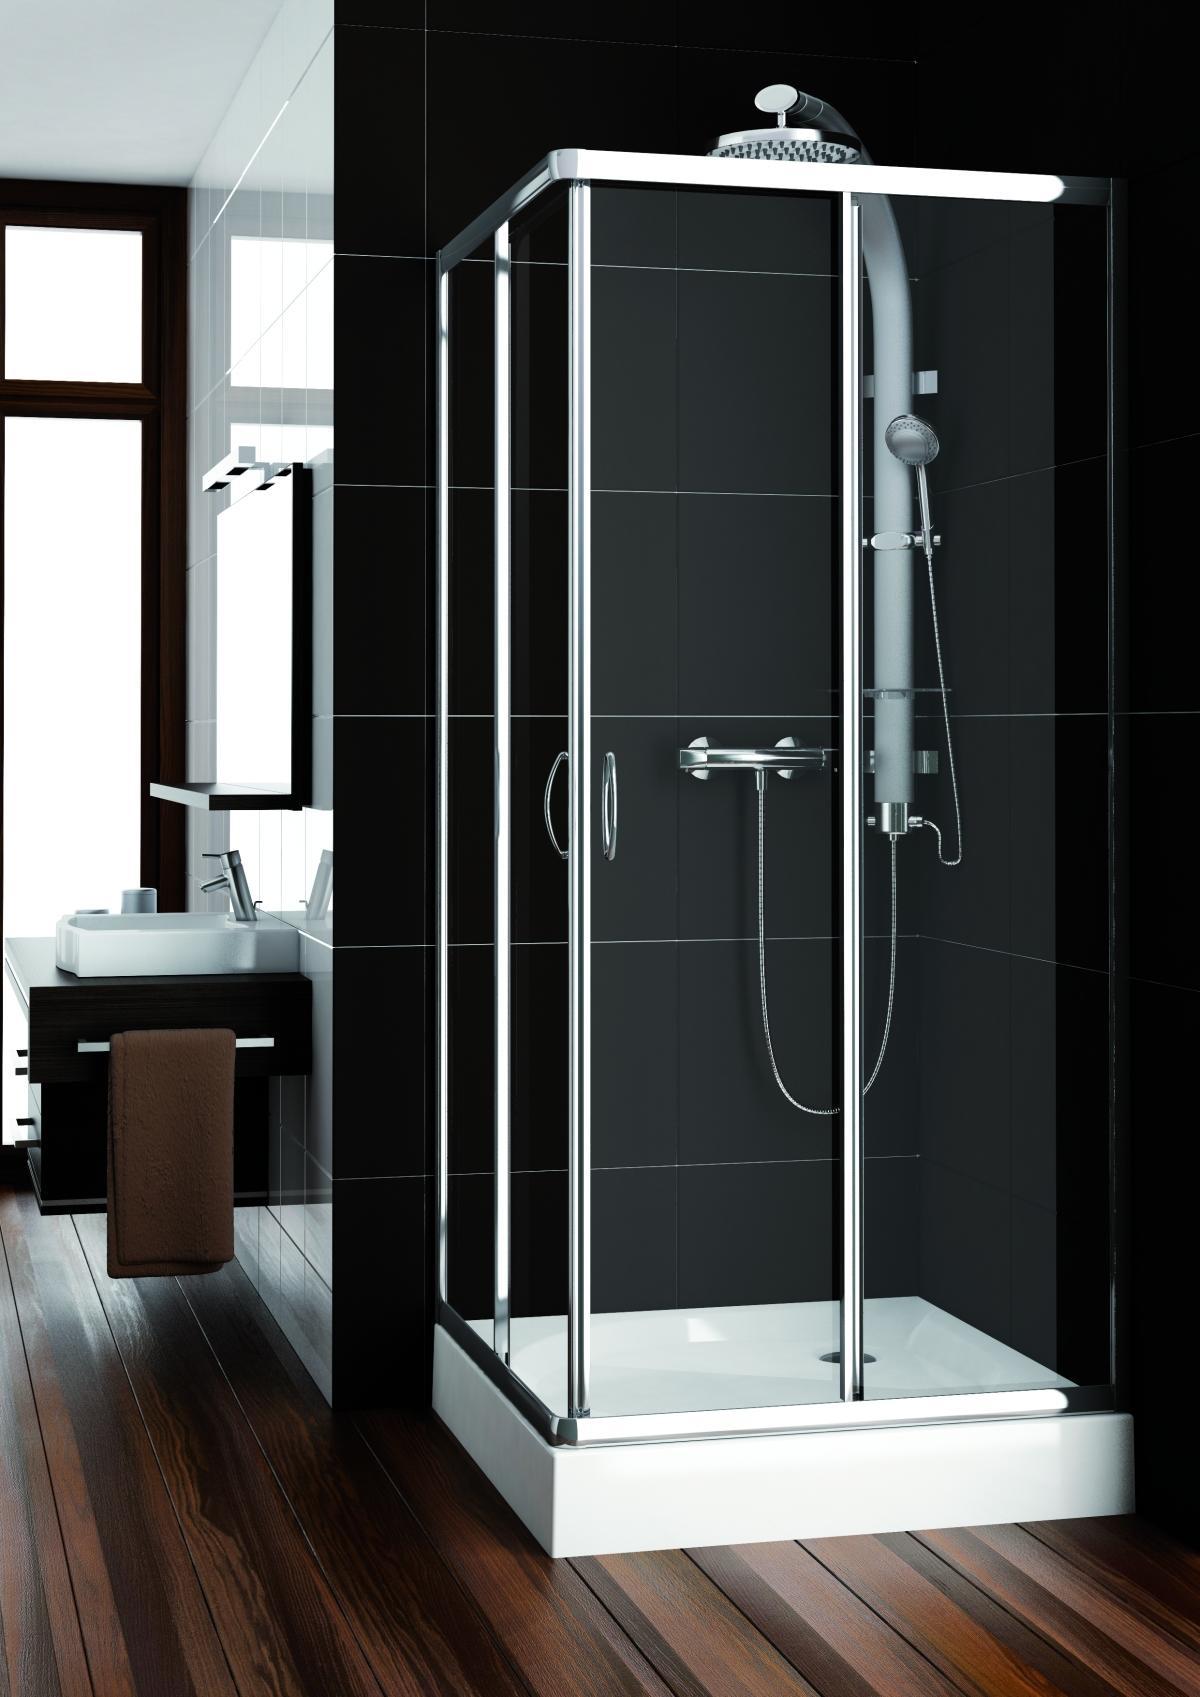 Kabina prysznicowa Nigra – surowy design w trzech wariantach